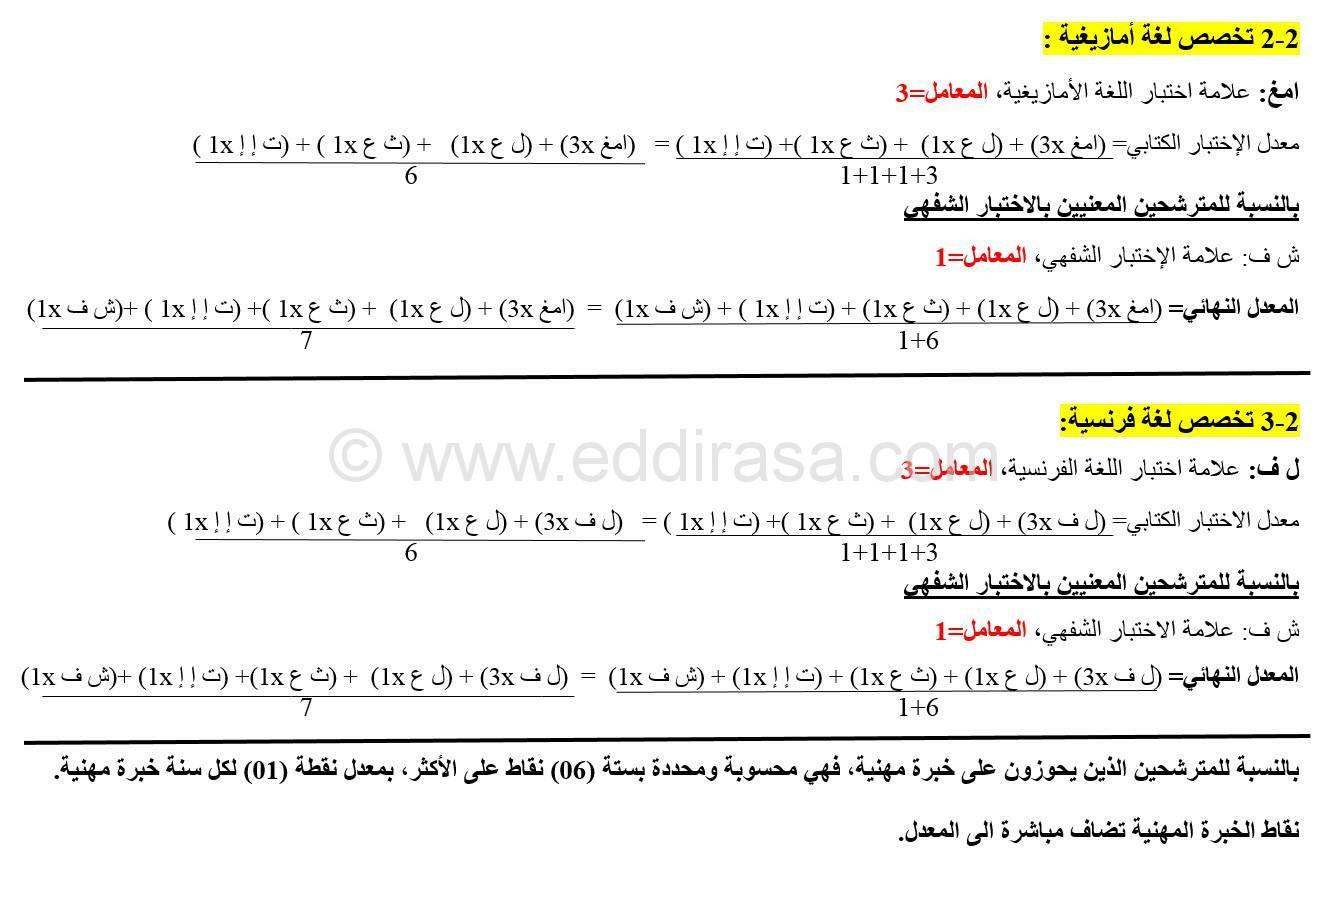 كيفية حساب معدل نتائج مسابقة توظيف الأساتذة موقع الدراسة الجزائري